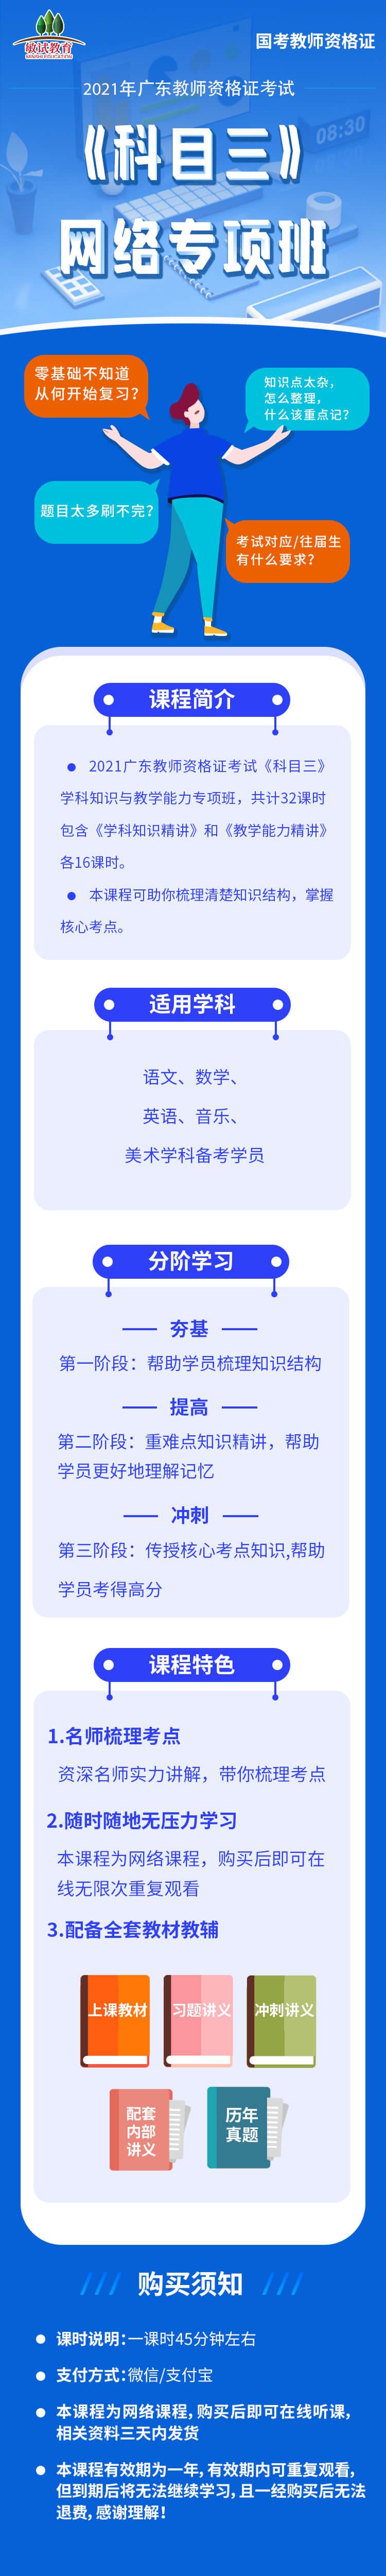 2021广东教师资格证培训:科目三网络专项班